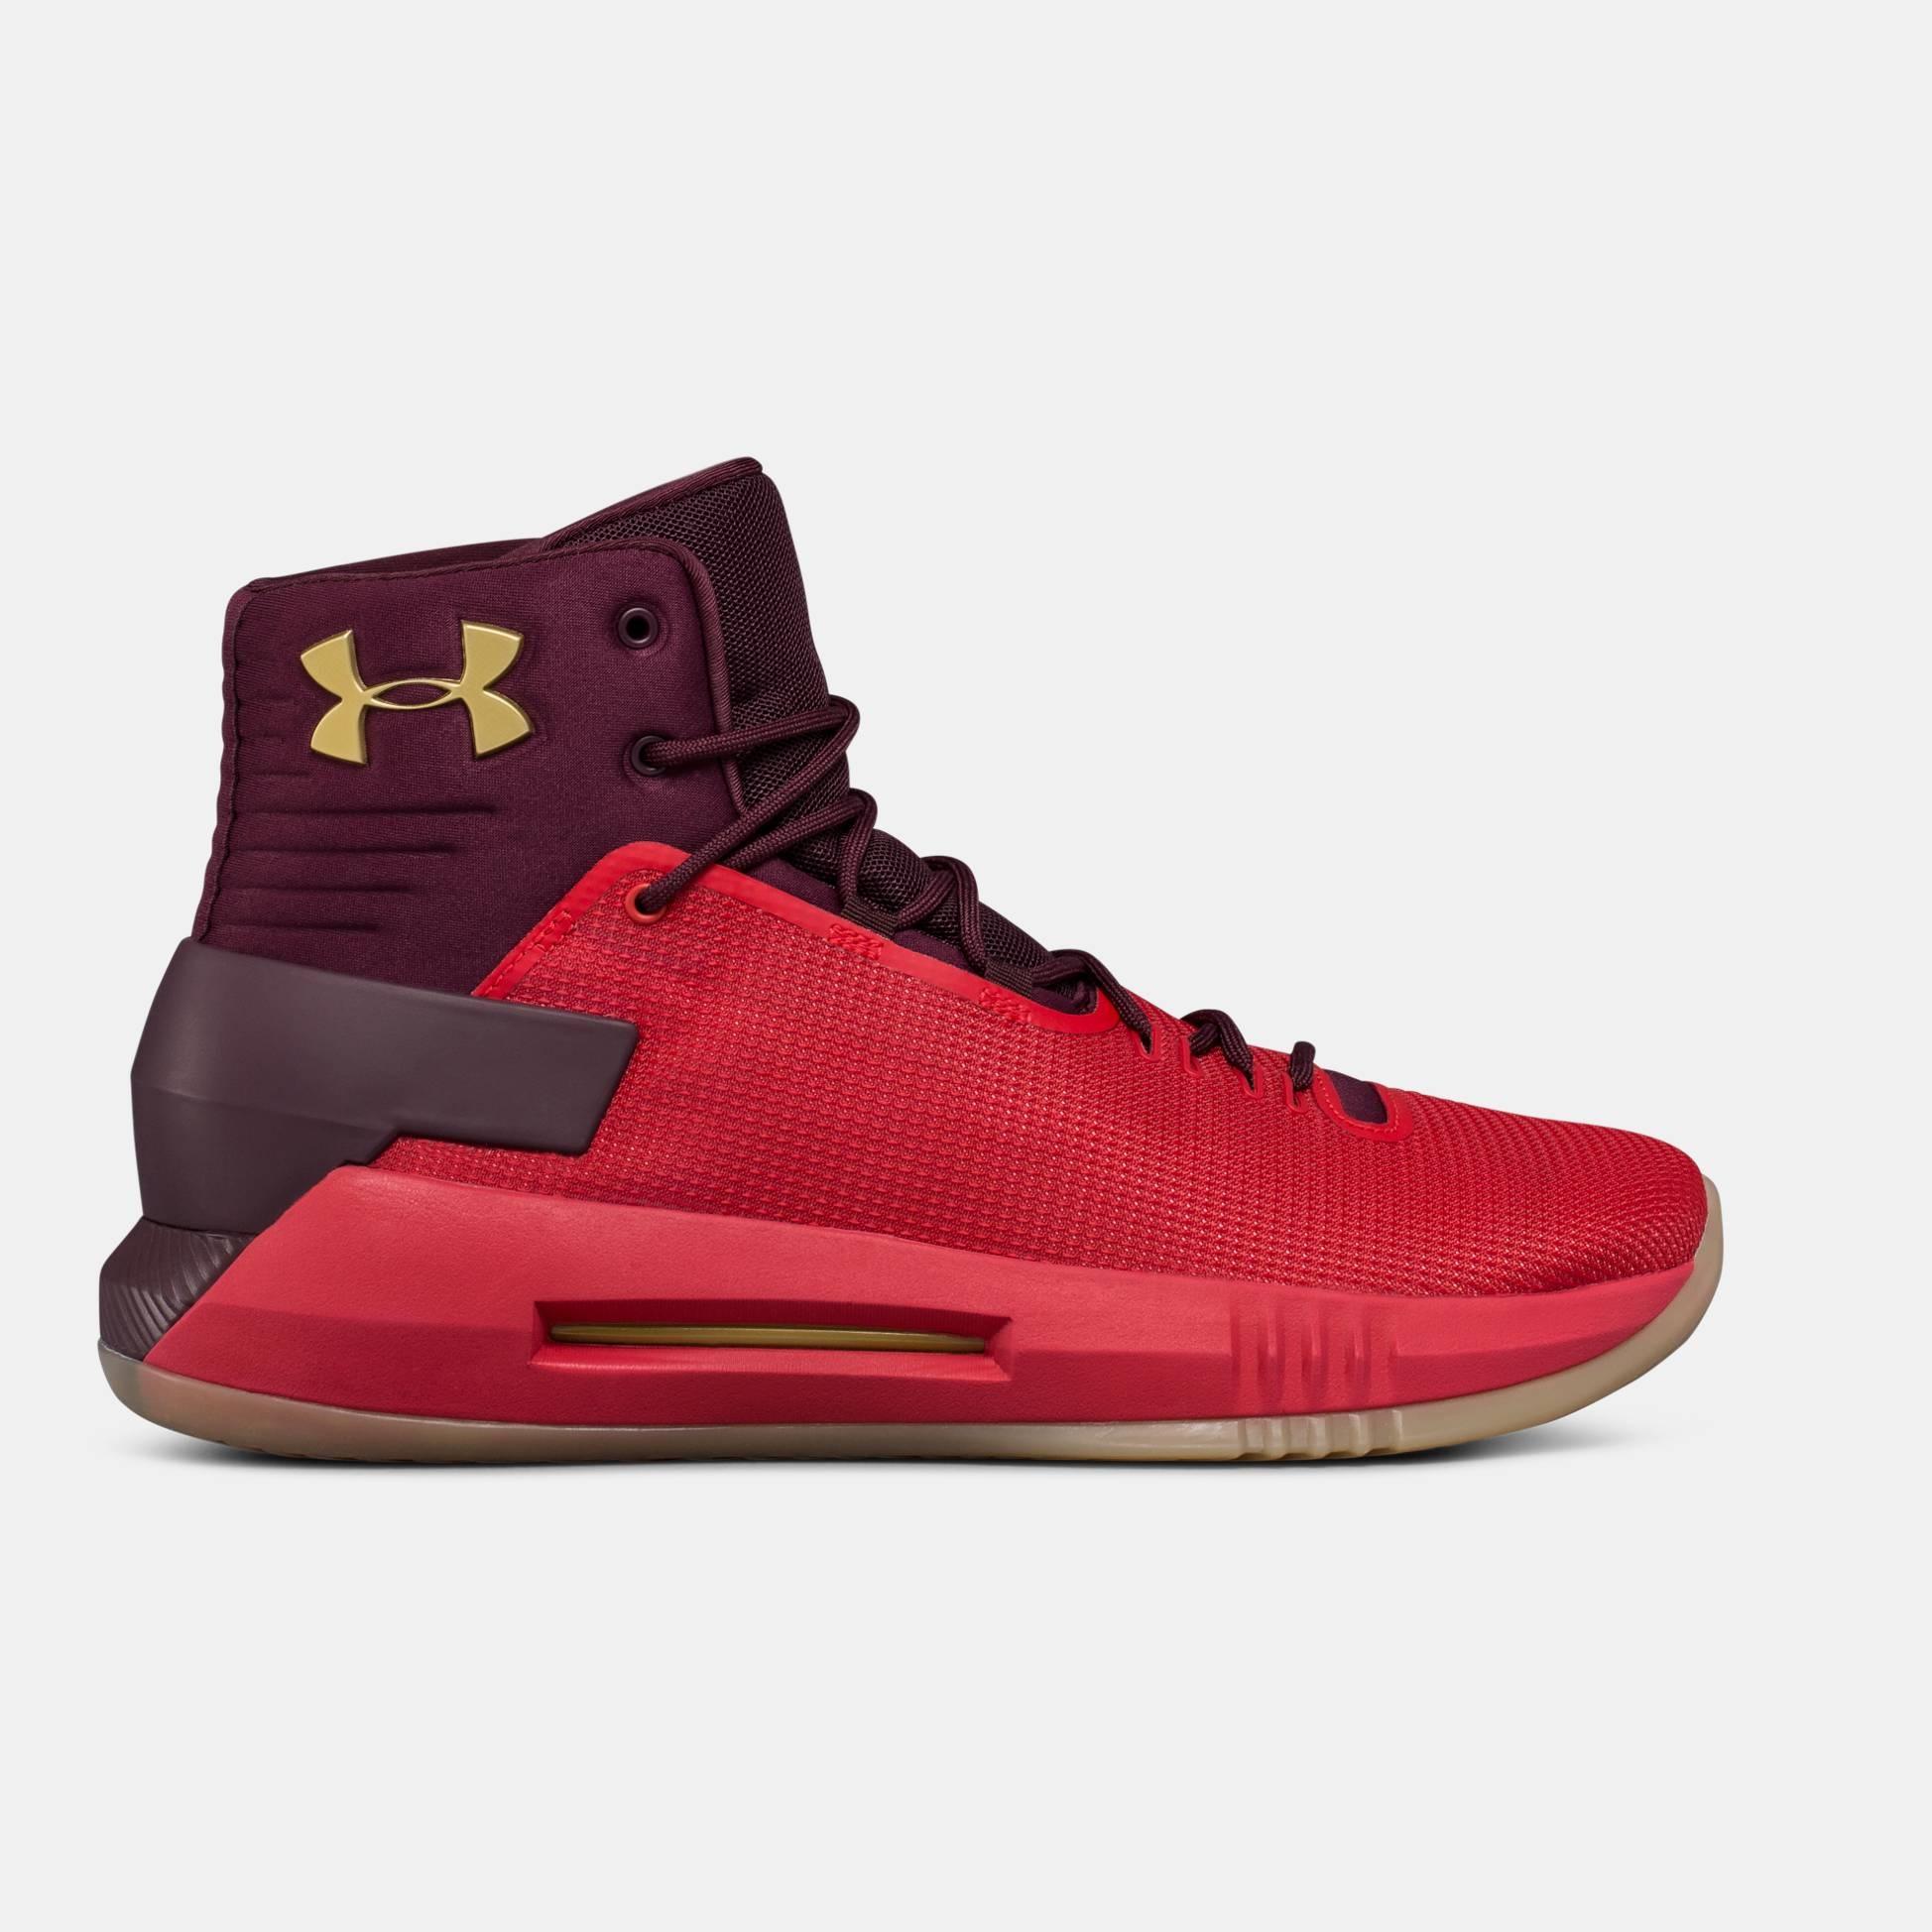 ua drive 5 basketball shoes off 52